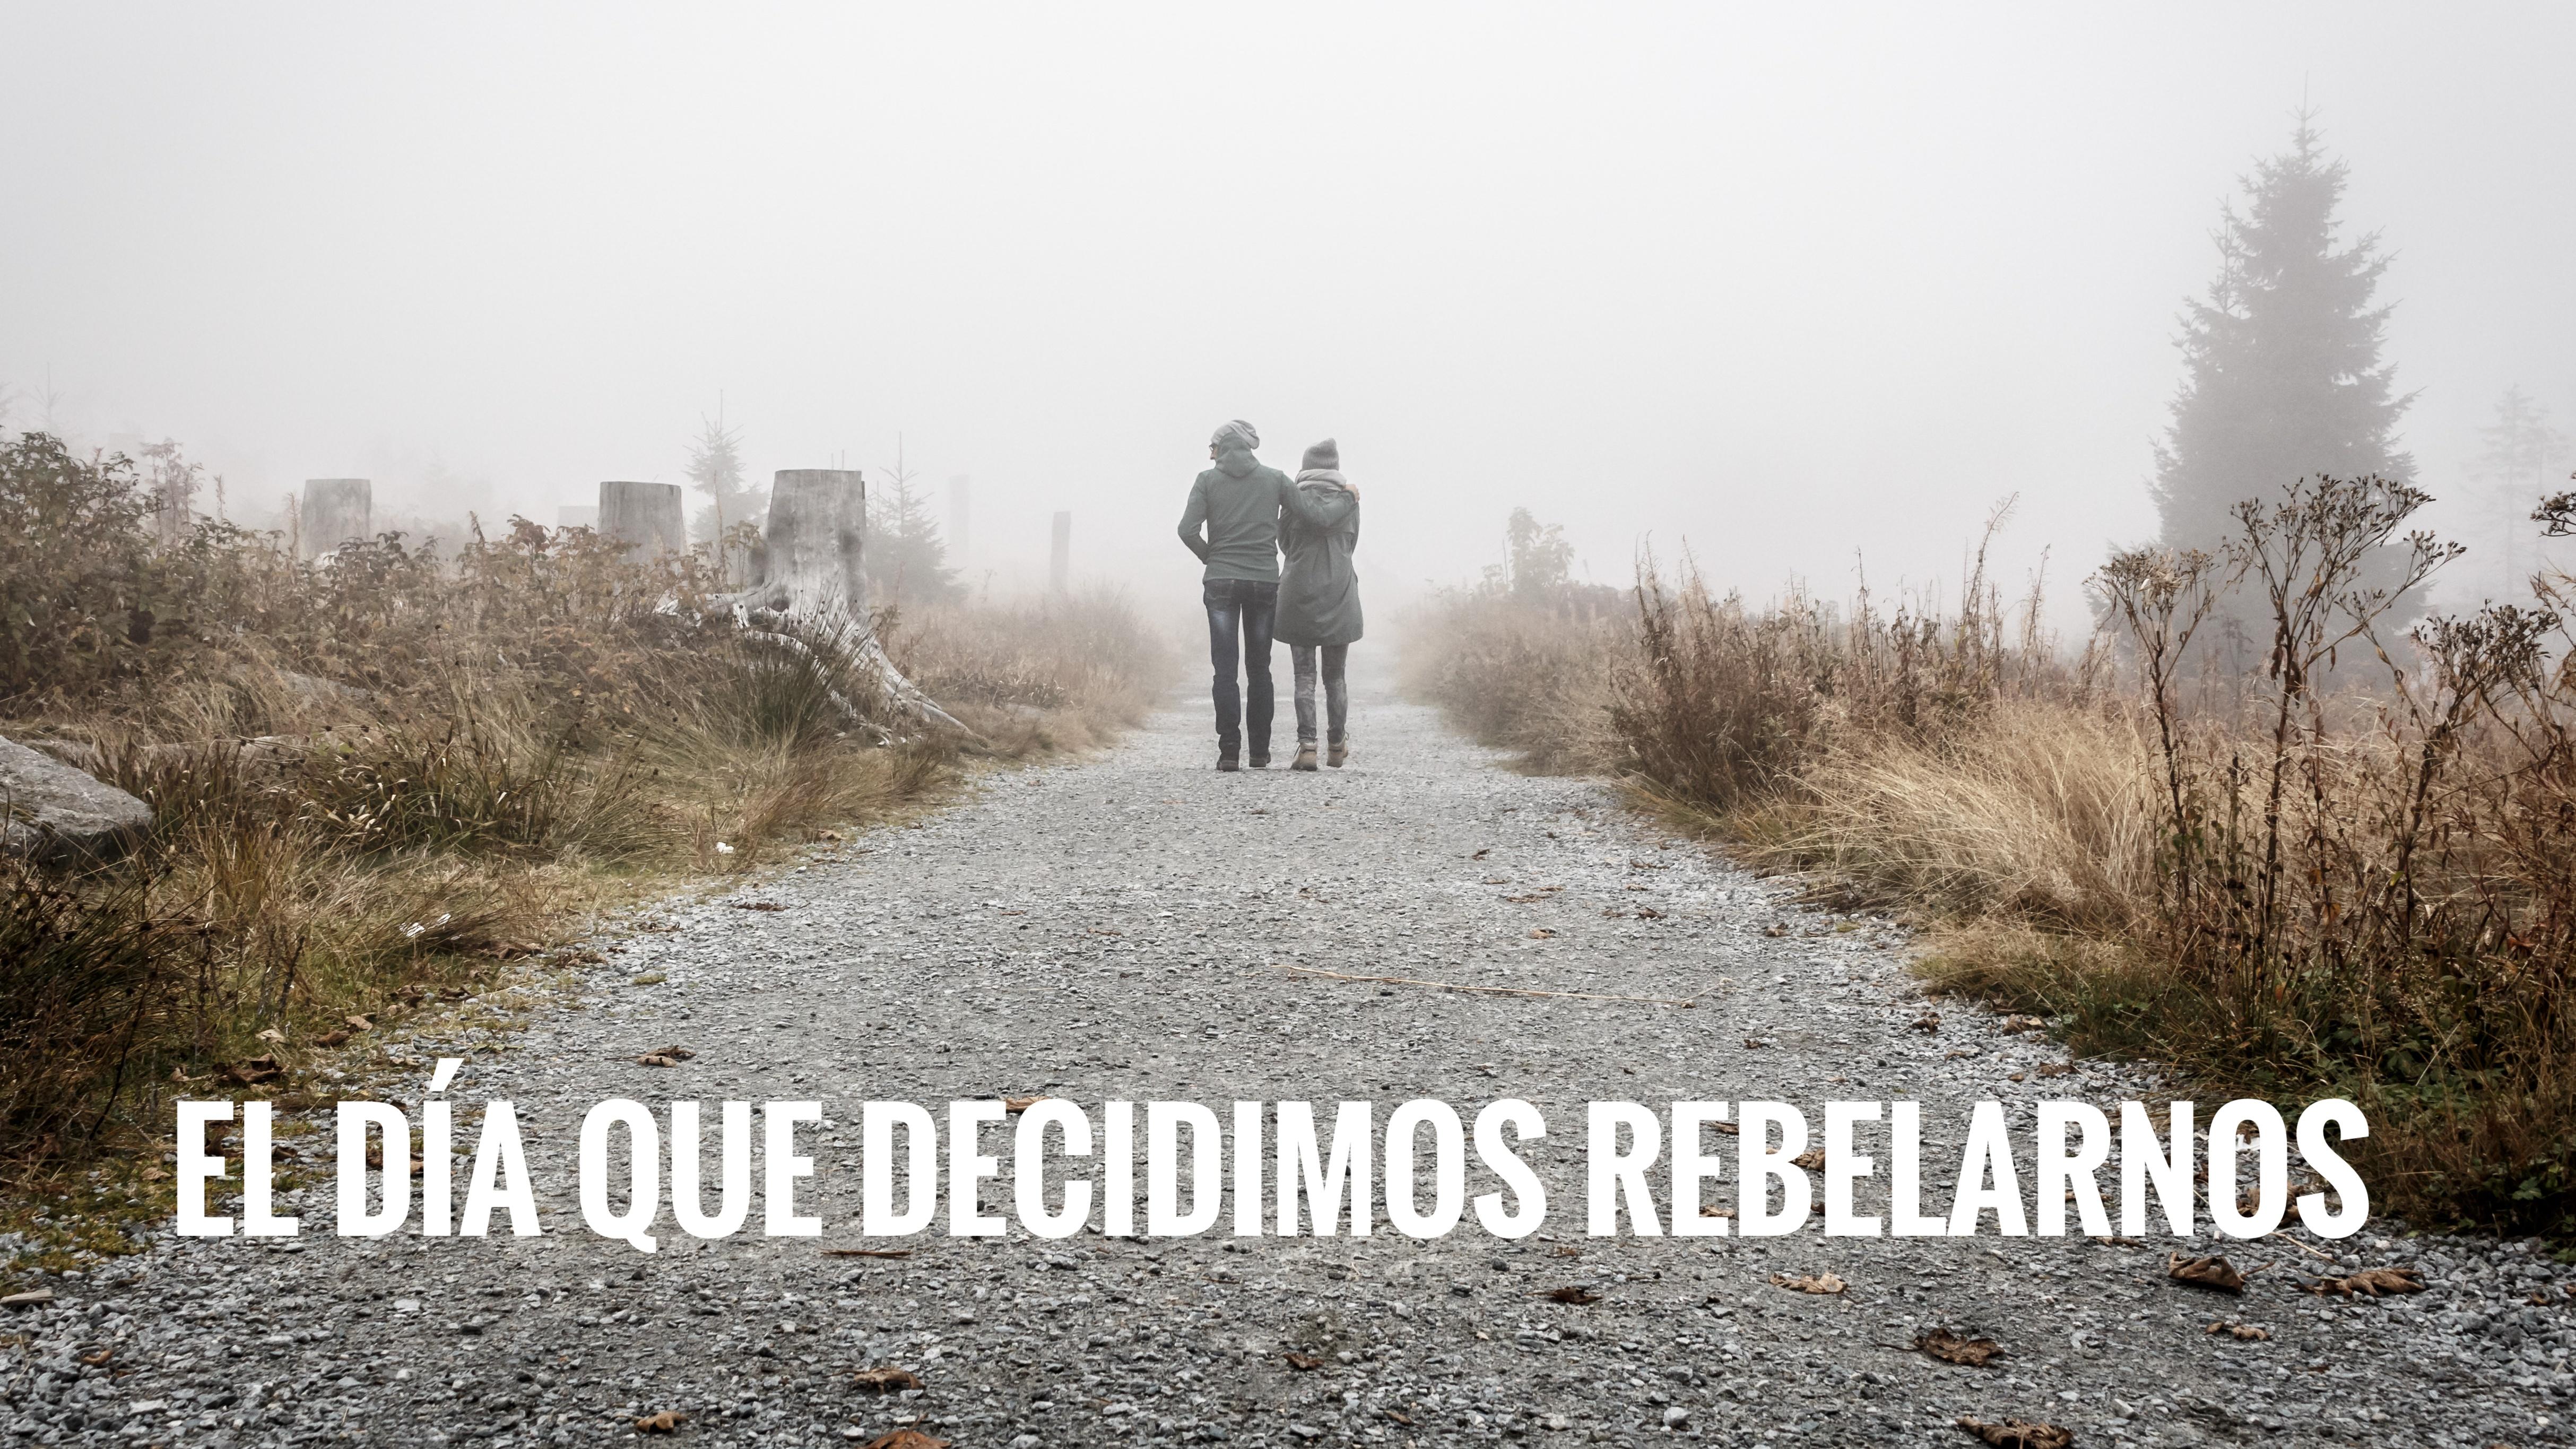 El día que decidimos rebelarnos